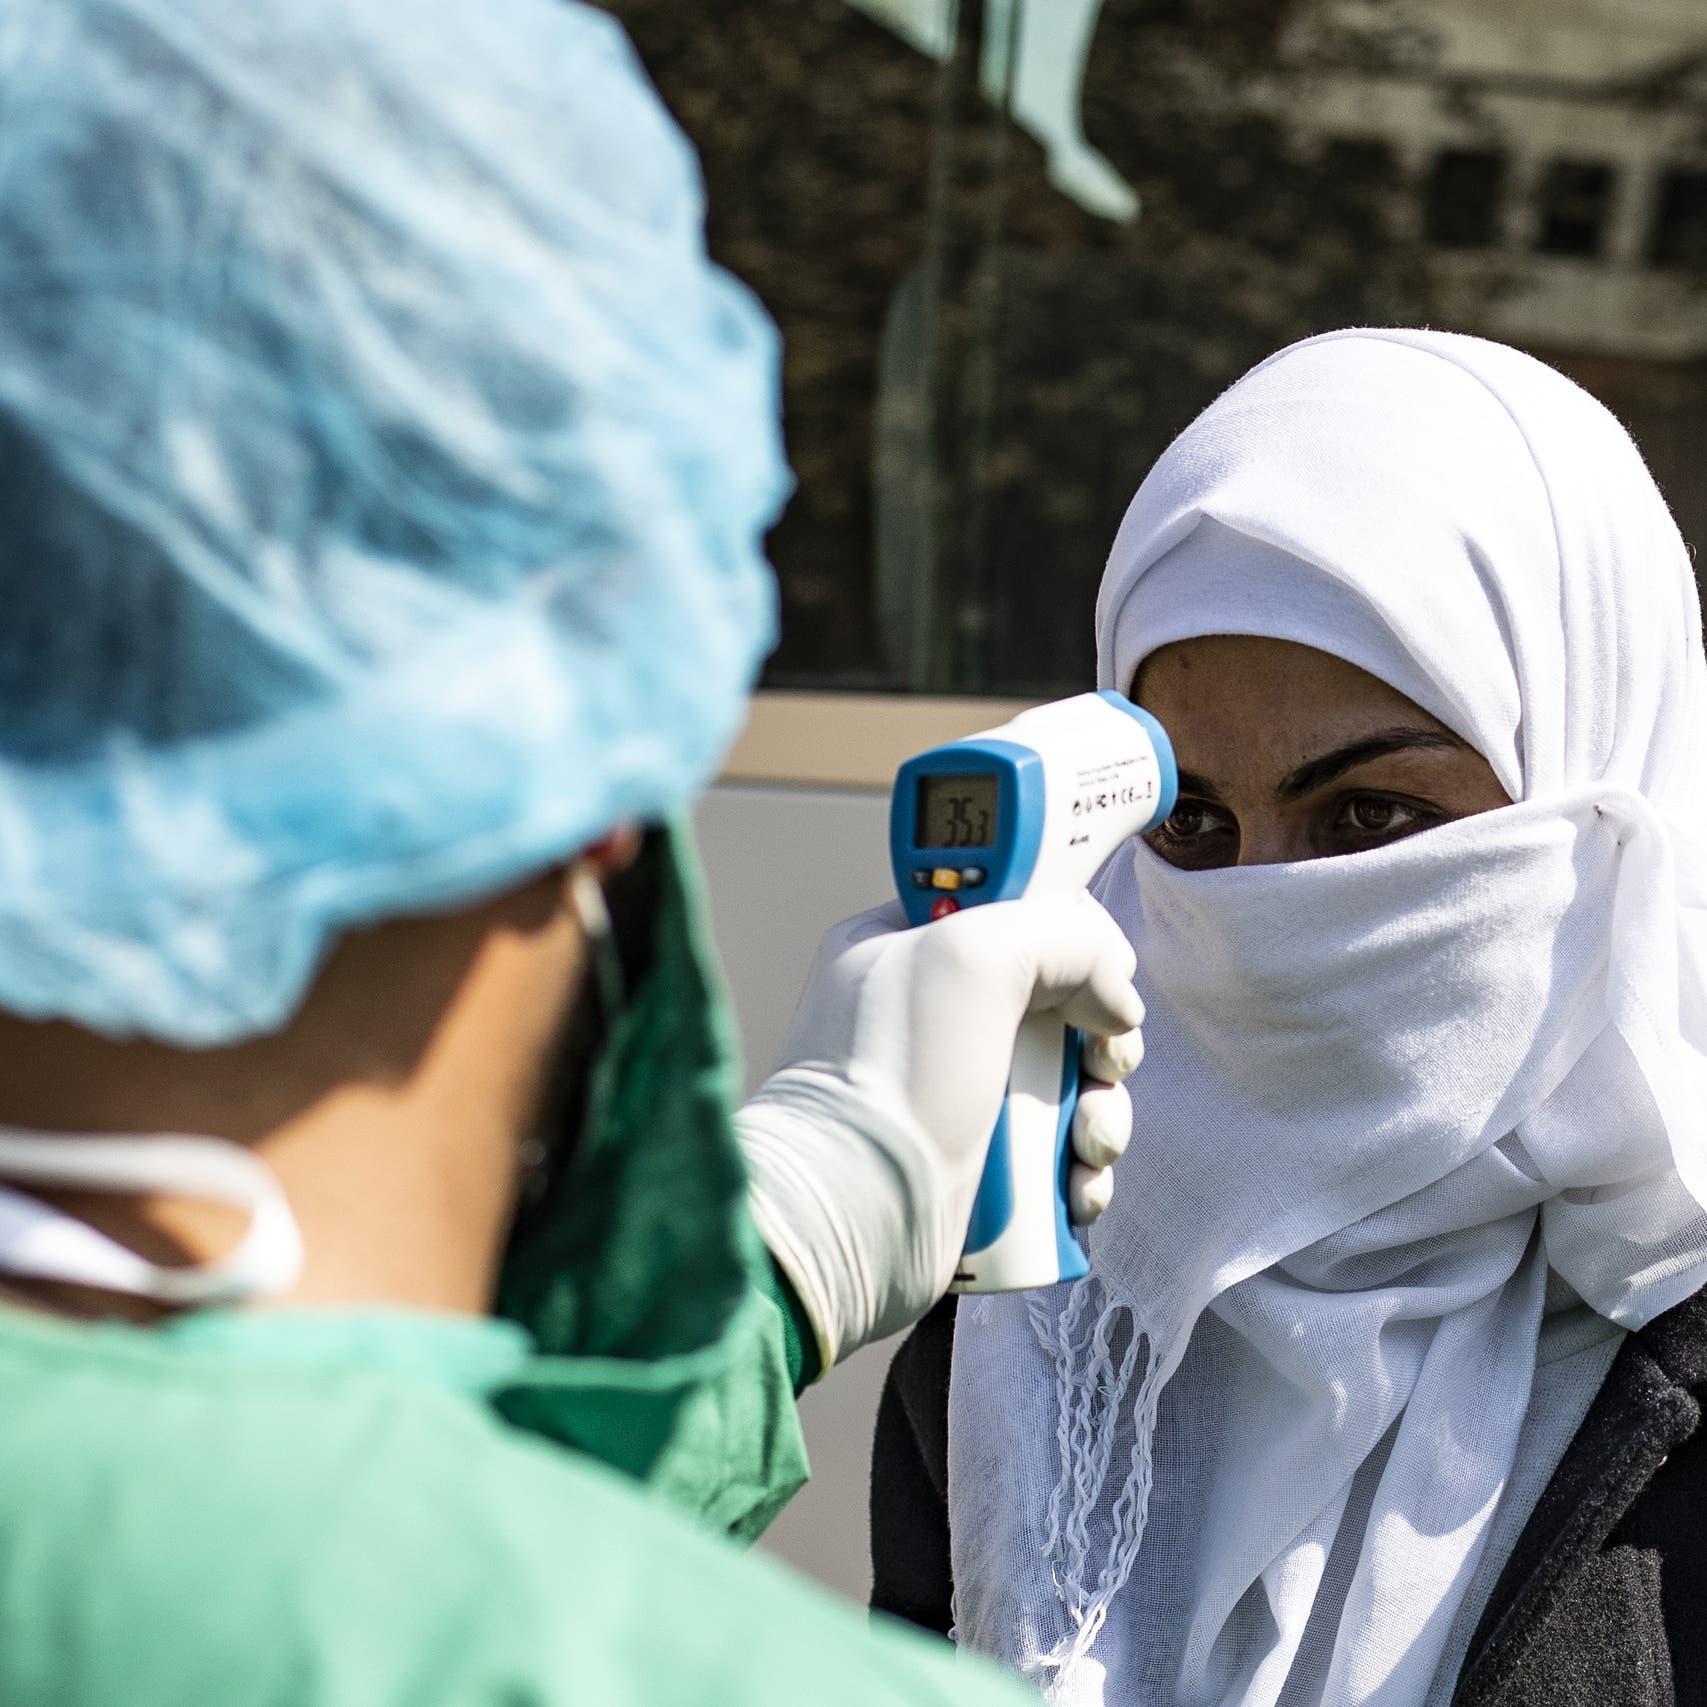 7 إصابات بكورونا بالضفة الغربية وإعلان الطوارئ 30 يوما